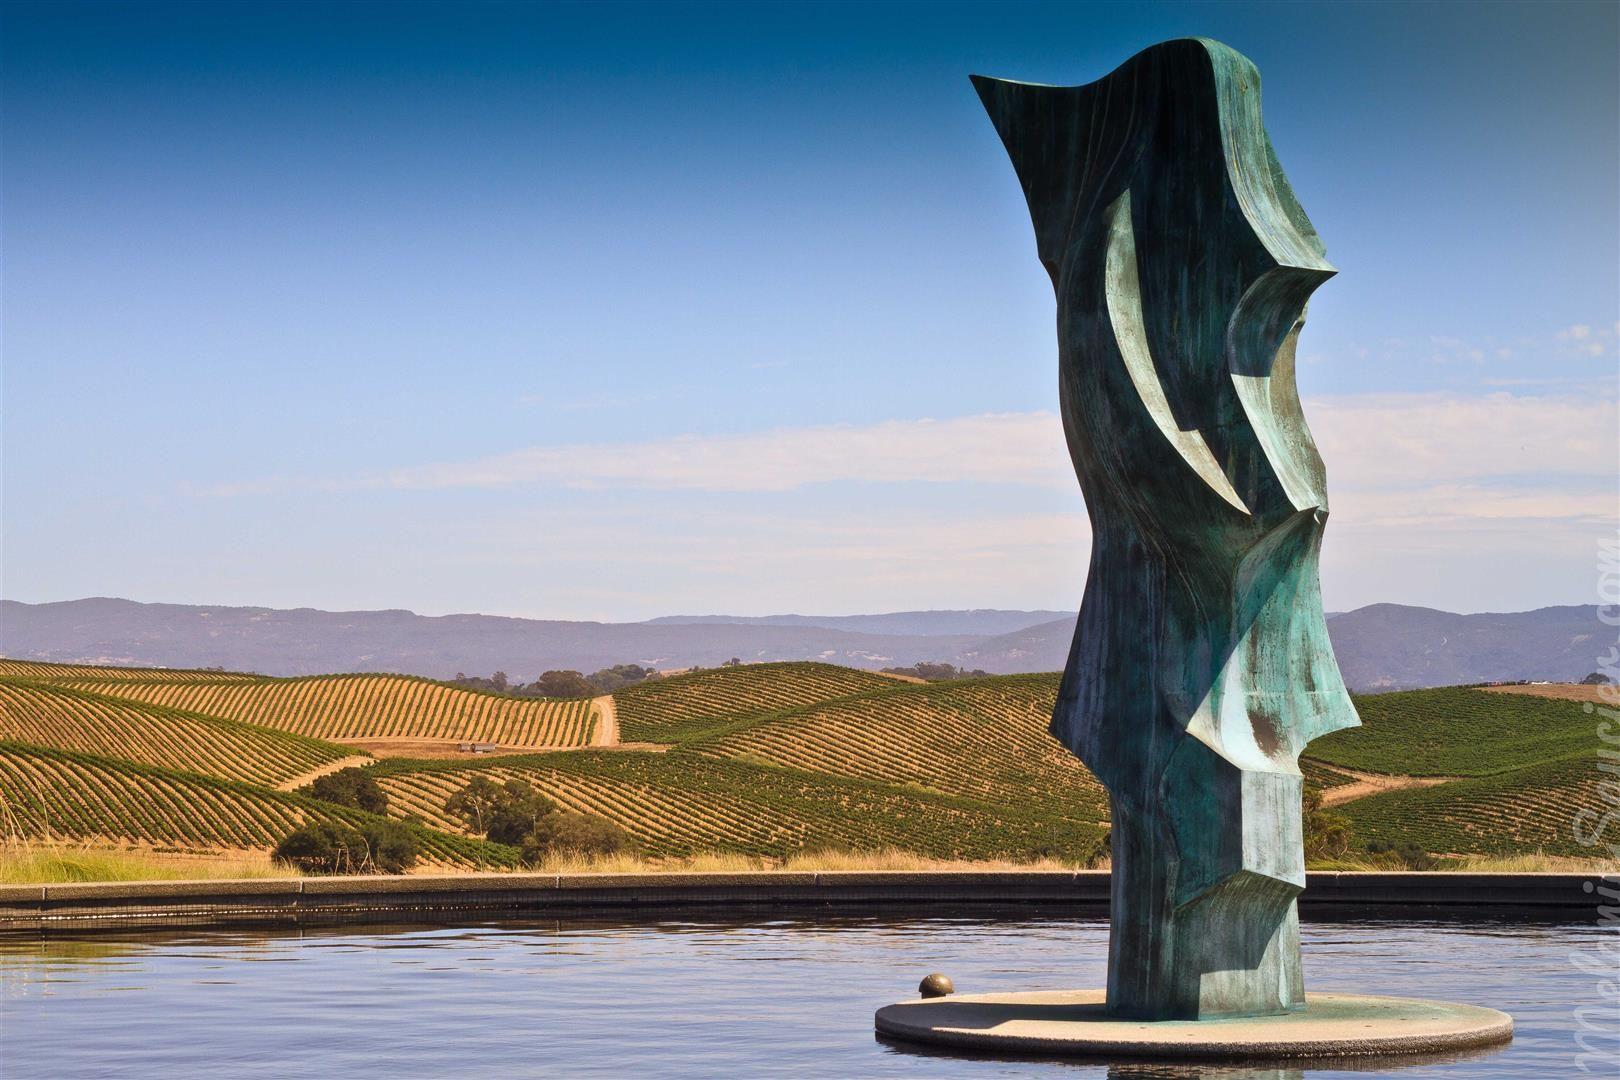 Artesa Winery, Napa, California